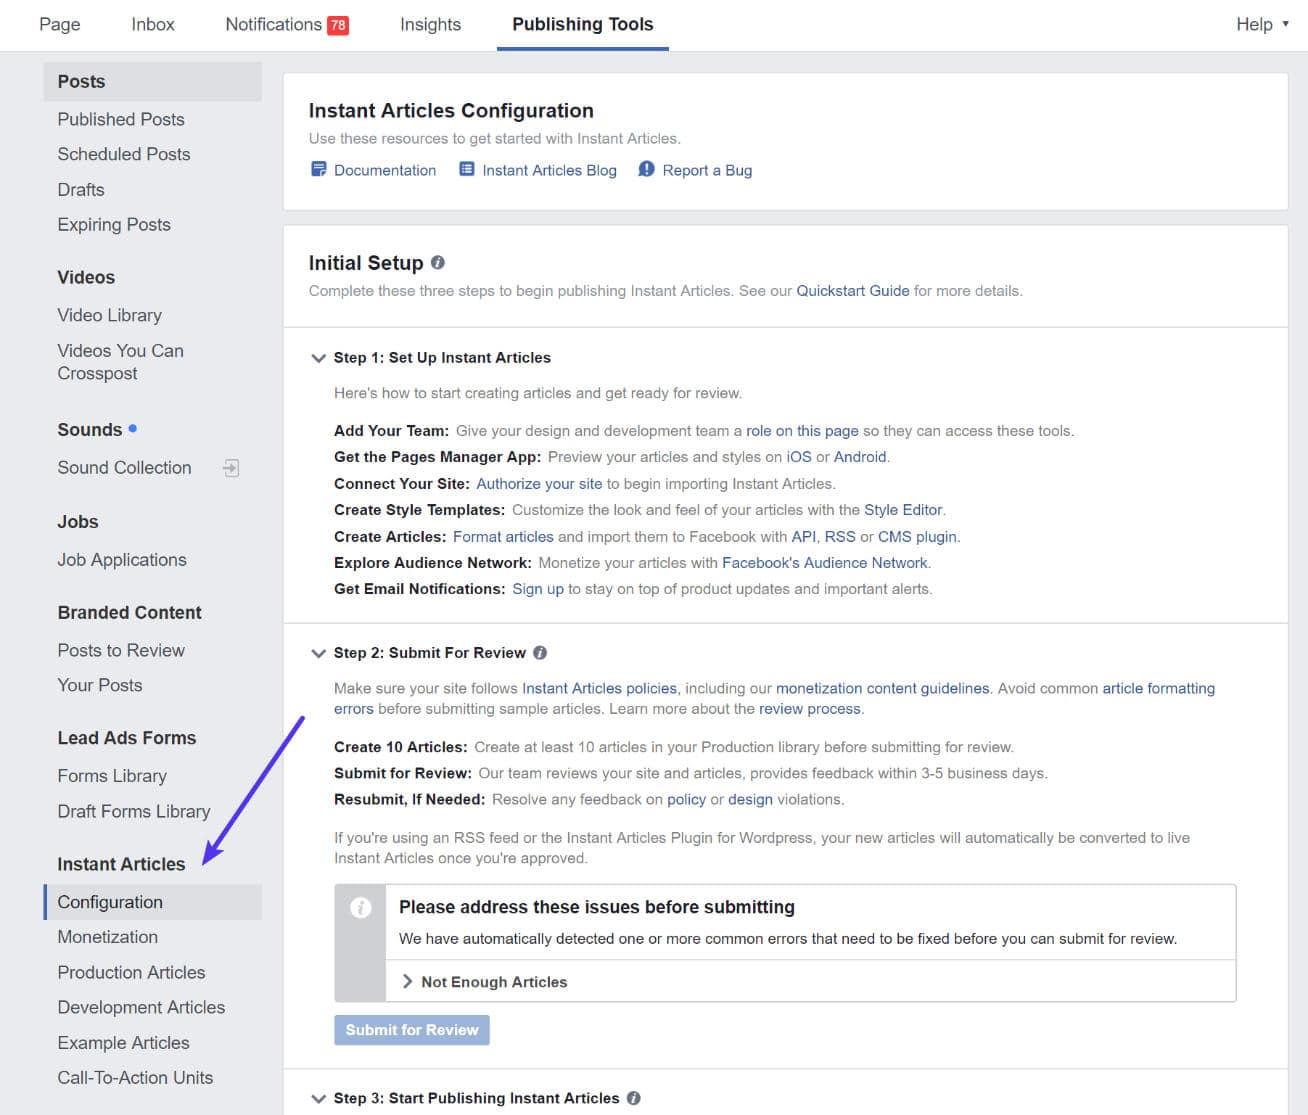 Herramientas de publicación de artículos instantáneos en Facebook